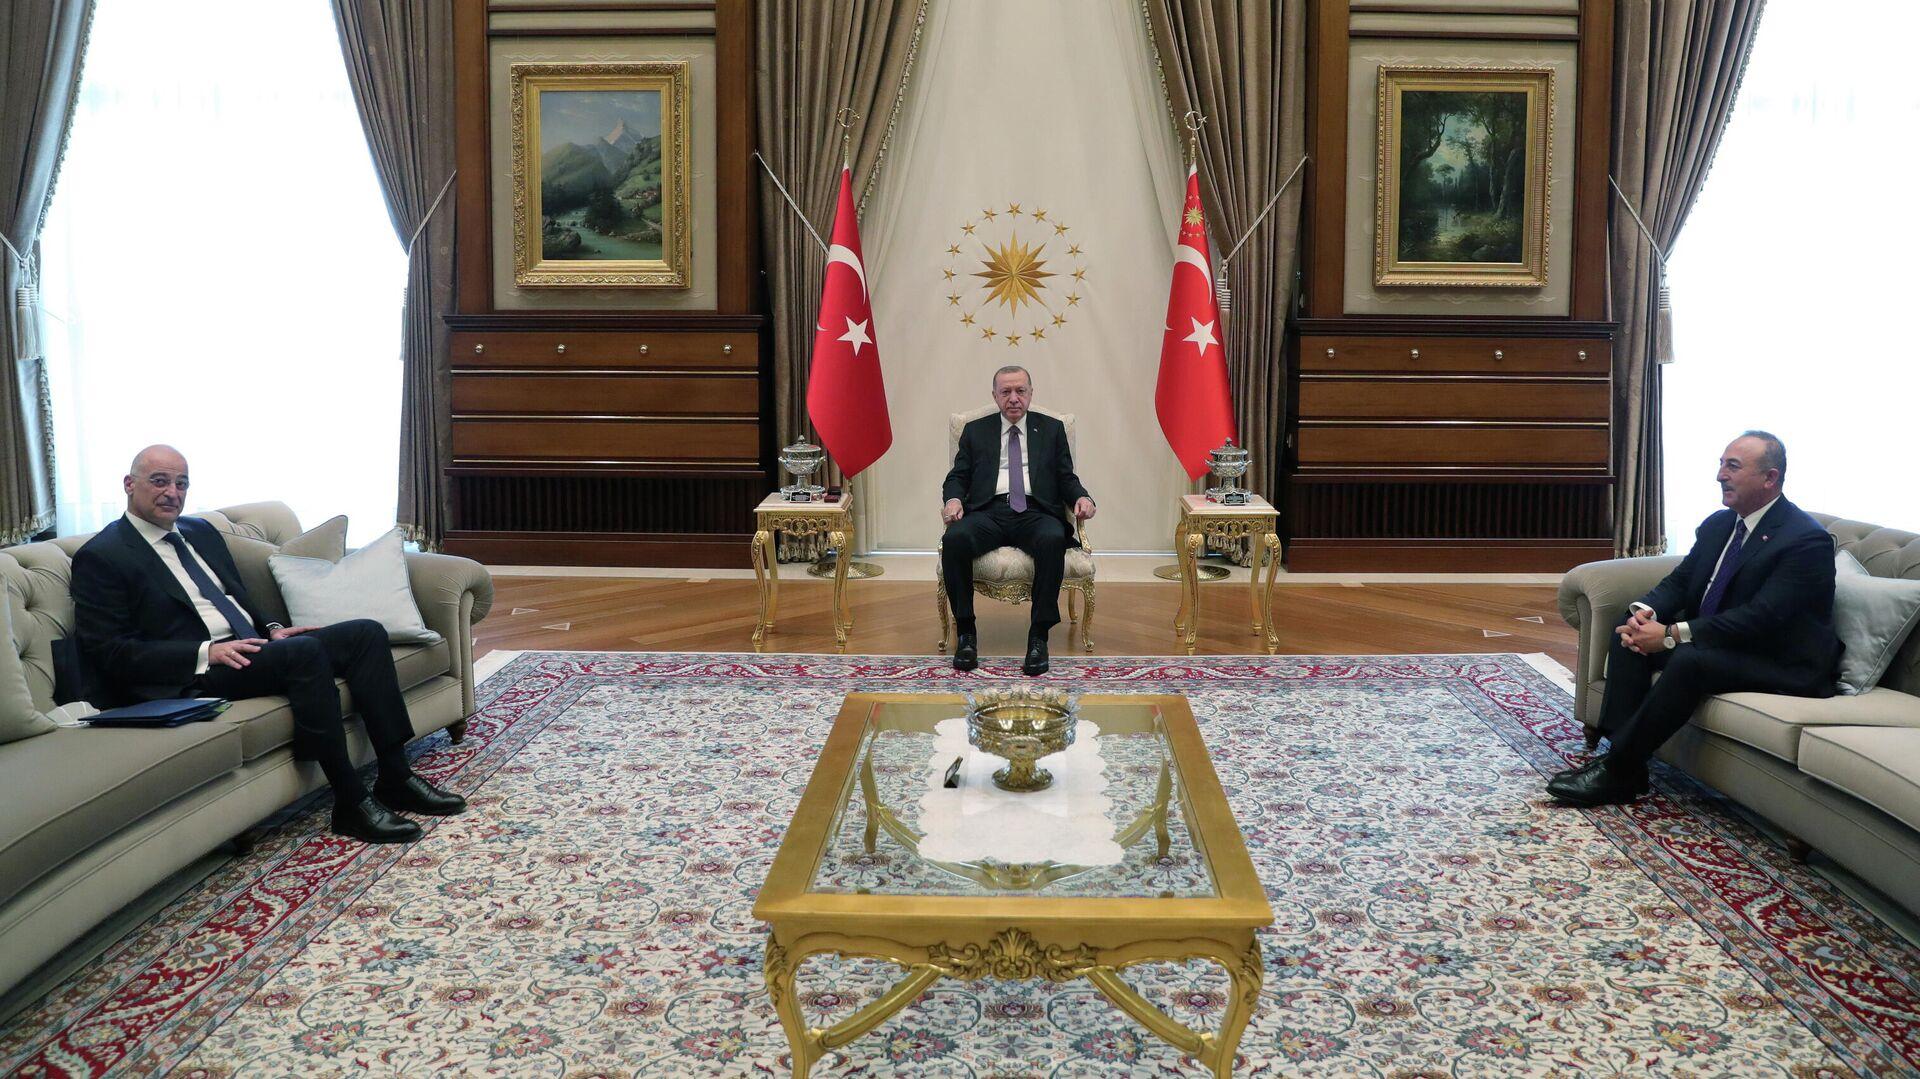 Президент Турции Тайип Эрдоган, министр иностранных дел Турции Мевлута Чавушоглу и министр иностранных дел Греции Никос Дендиас во время встречи в Анкаре - РИА Новости, 1920, 15.04.2021